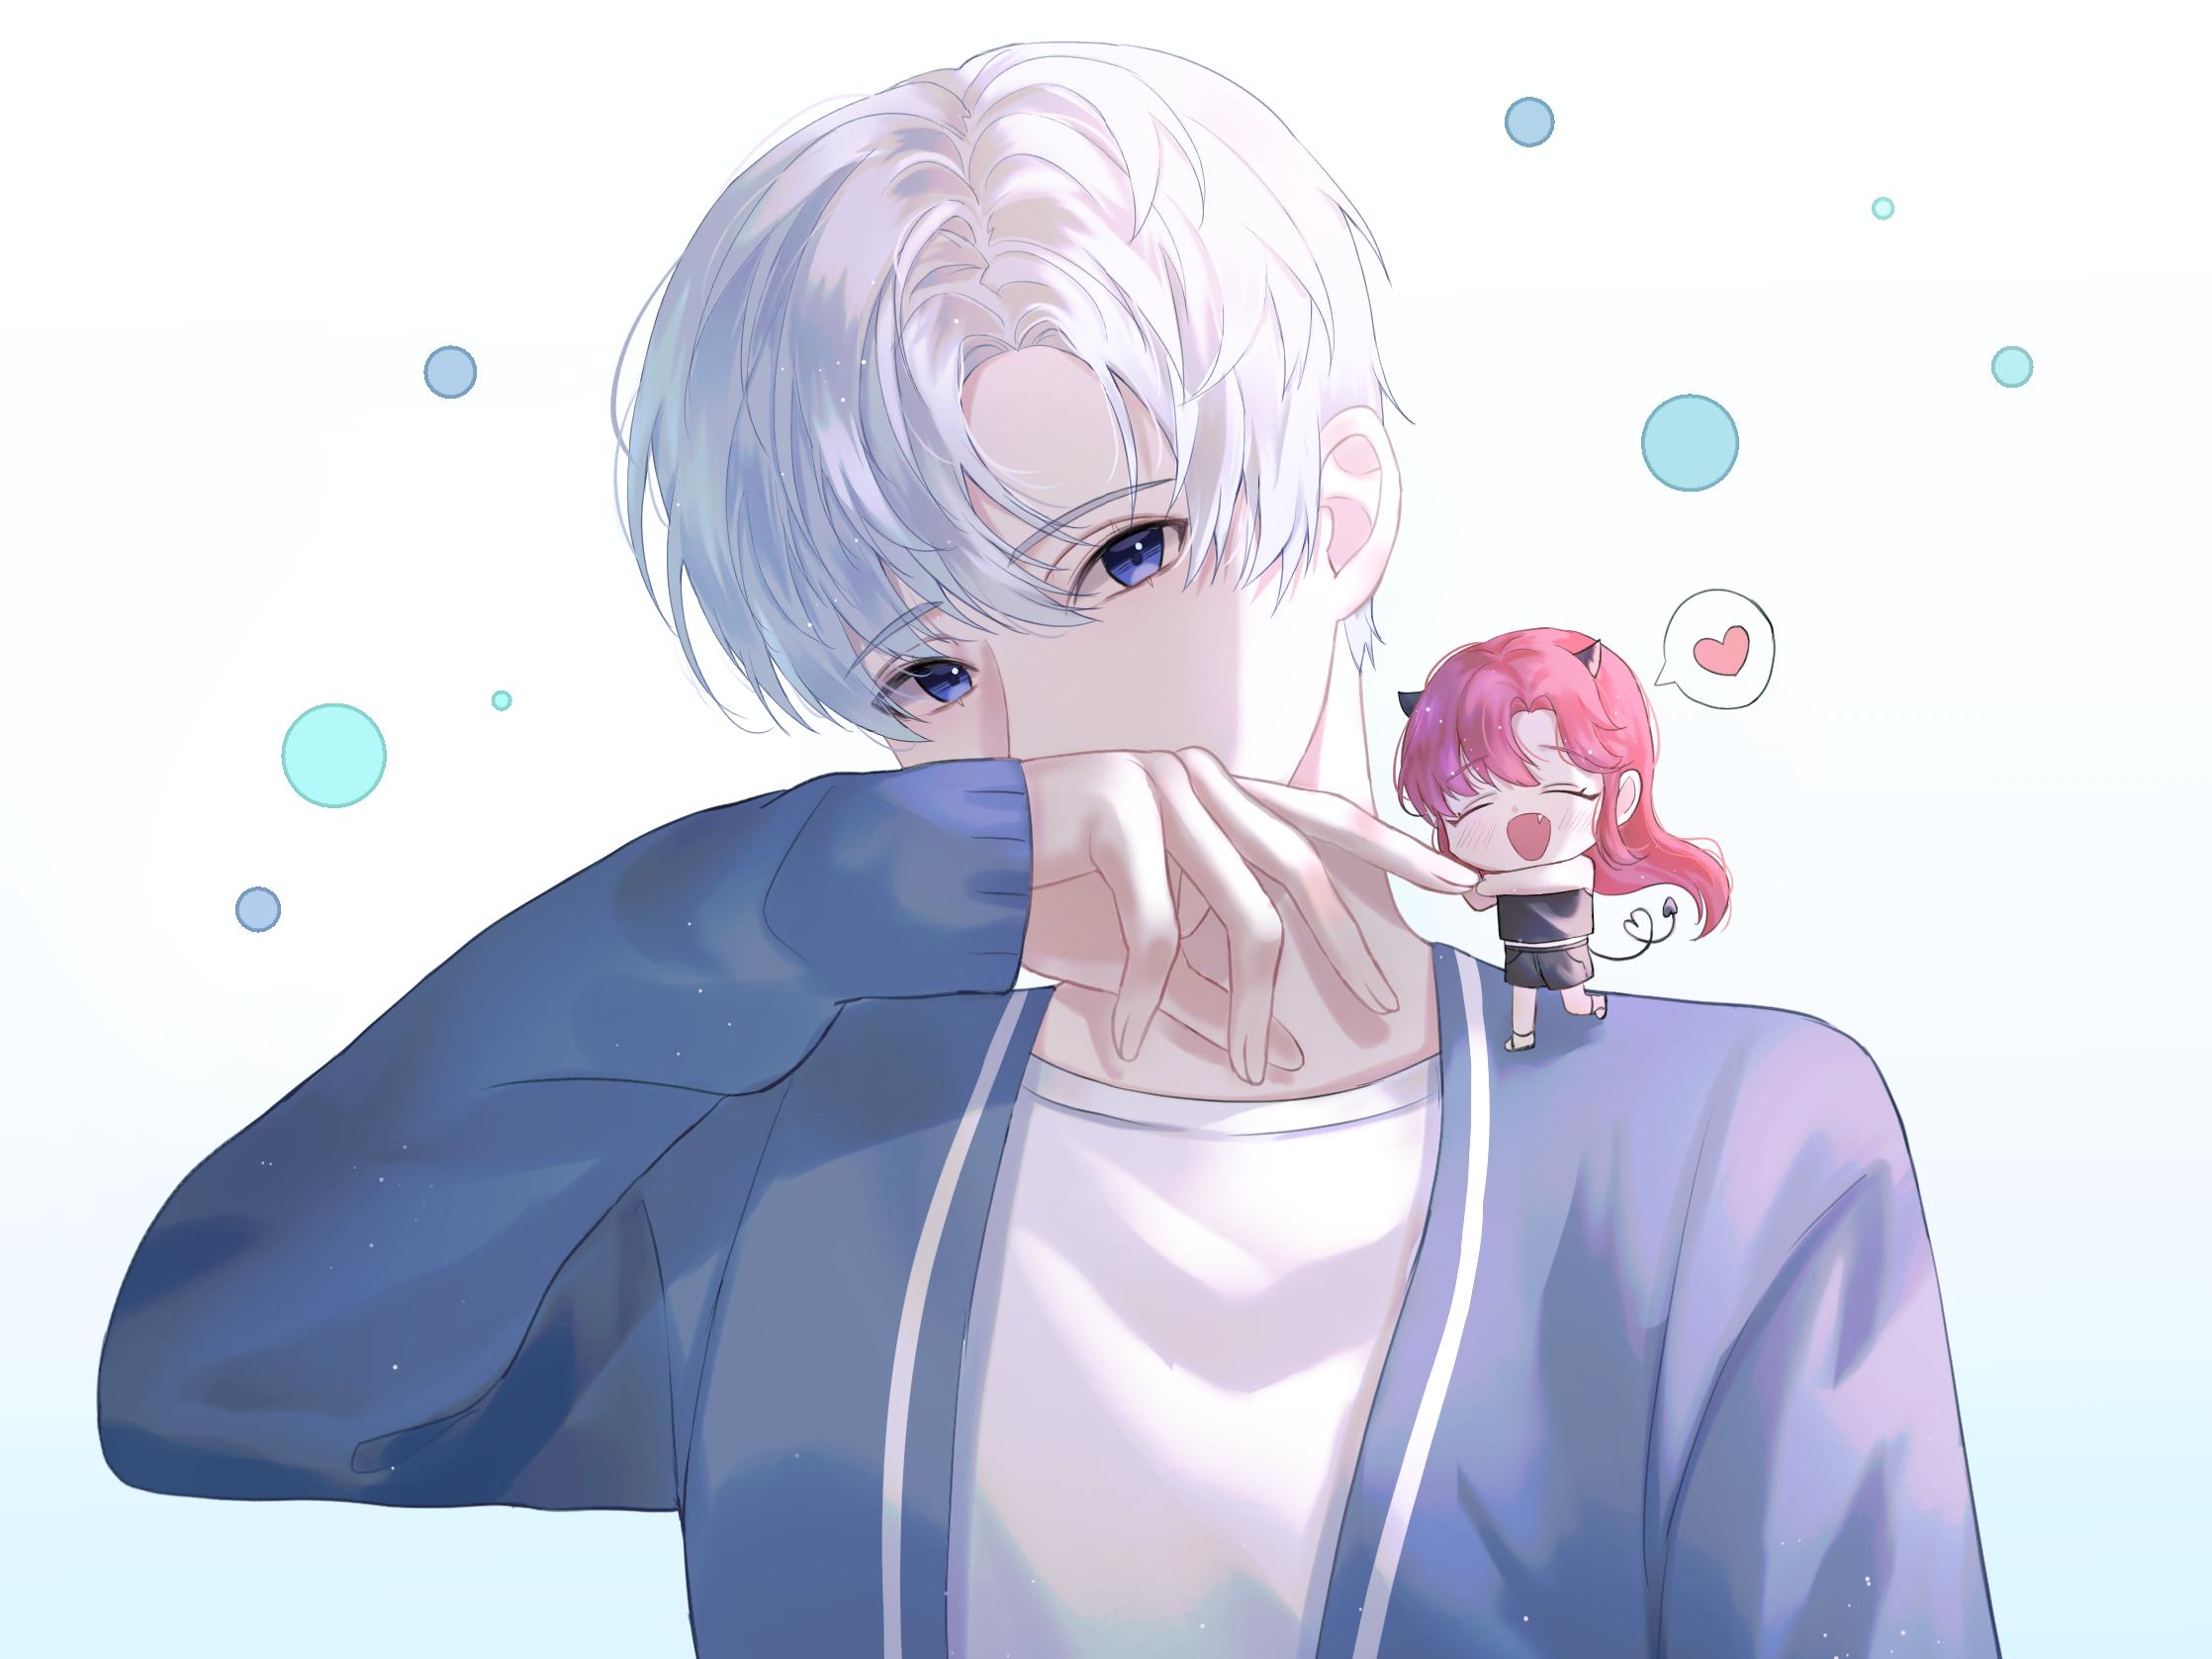 Blue Eyes Boy Bubble Girl White Hair 2236x1677